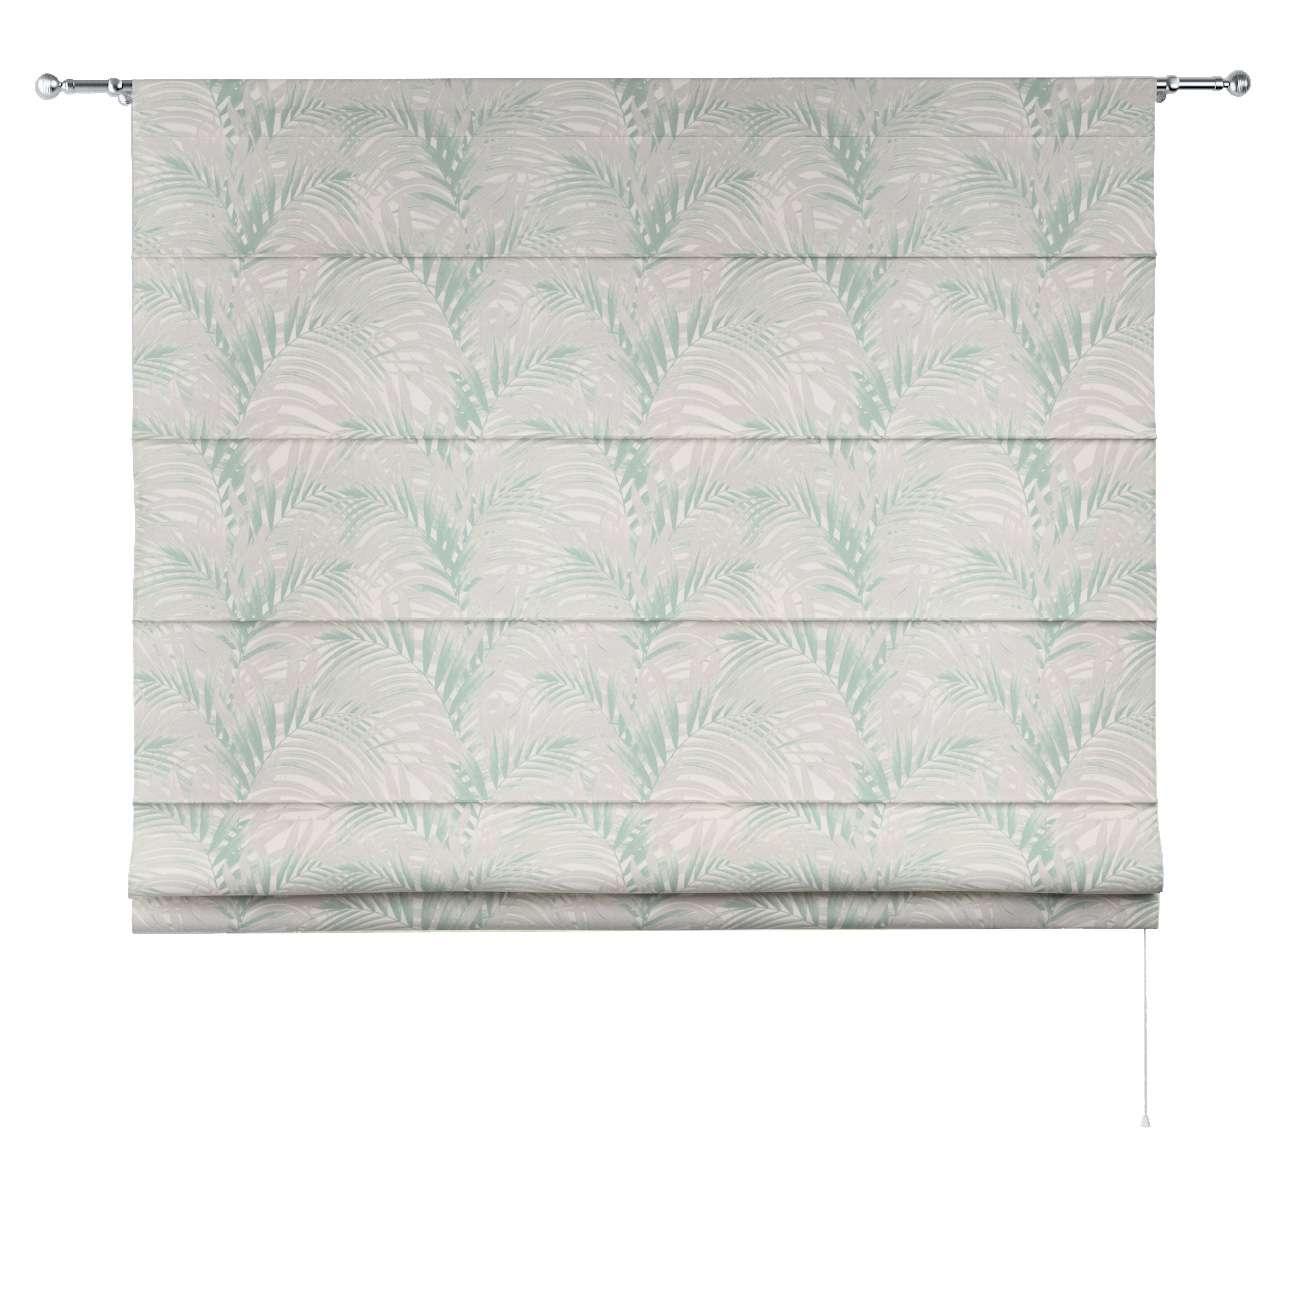 Vouwgordijn Torino van de collectie Gardenia, Stof: 142-15